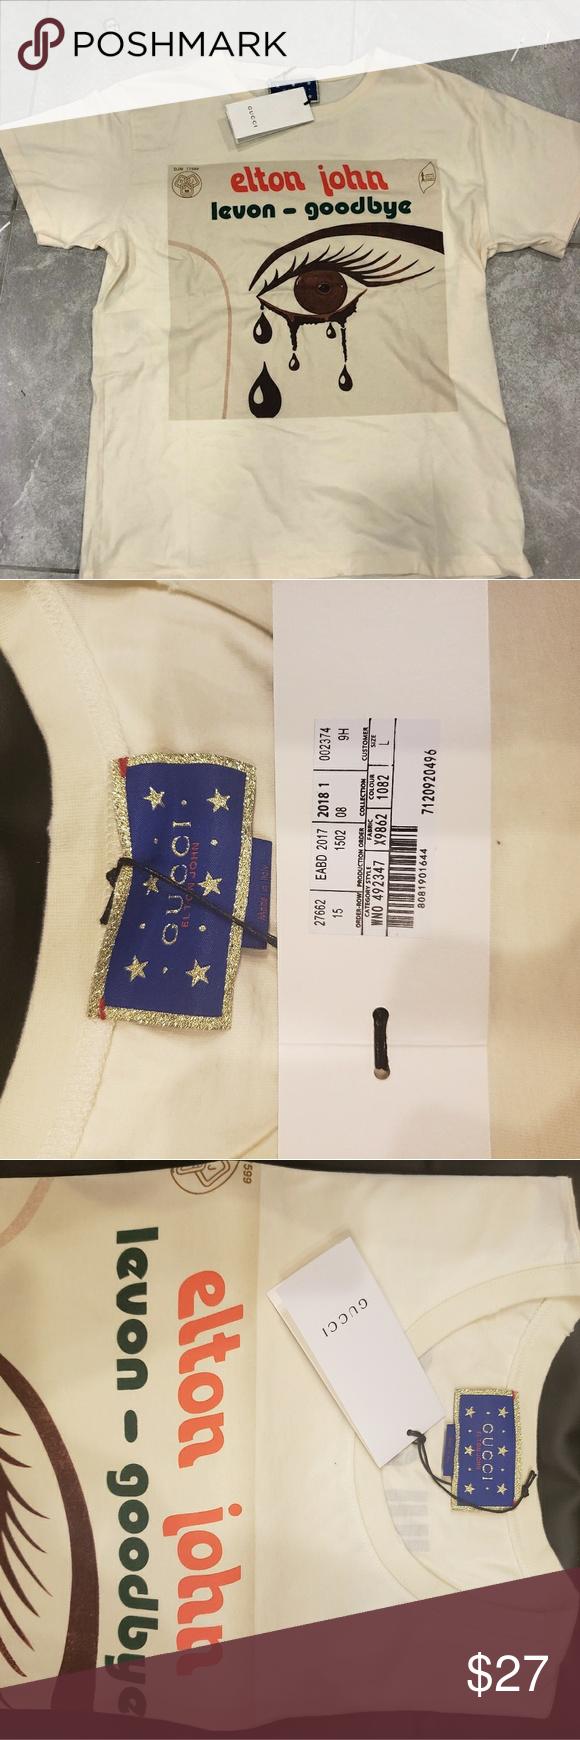 a2b43eec550 😘NWT Gucci Men s Elton John T-Shirt Size S-XL 😘Authentic Gucci ...